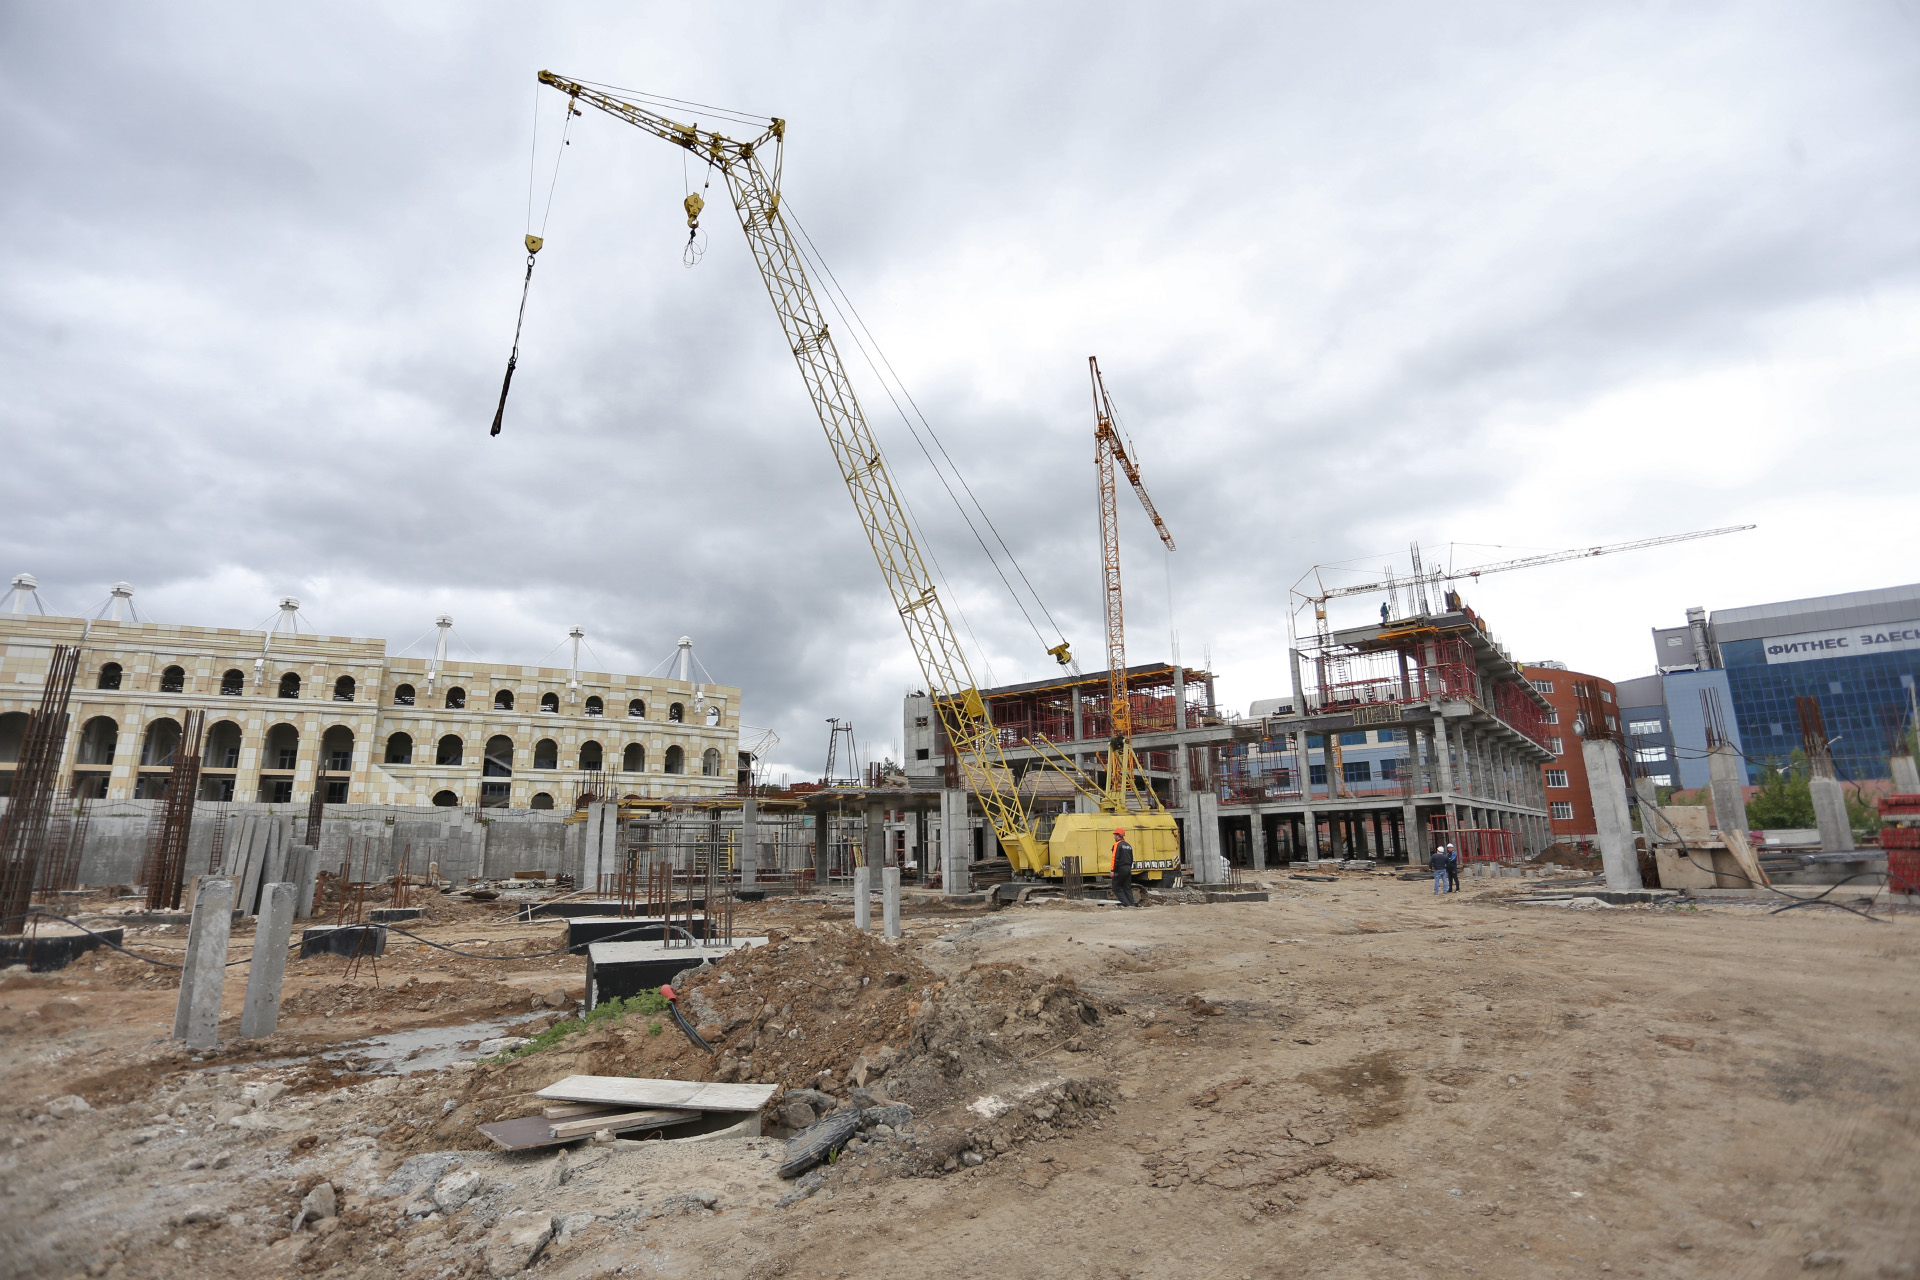 «Таганай-2020» строят в окружении гостиницы, стадиона и ледовой арены, в которой на время саммитов планируют разместить пресс-центр